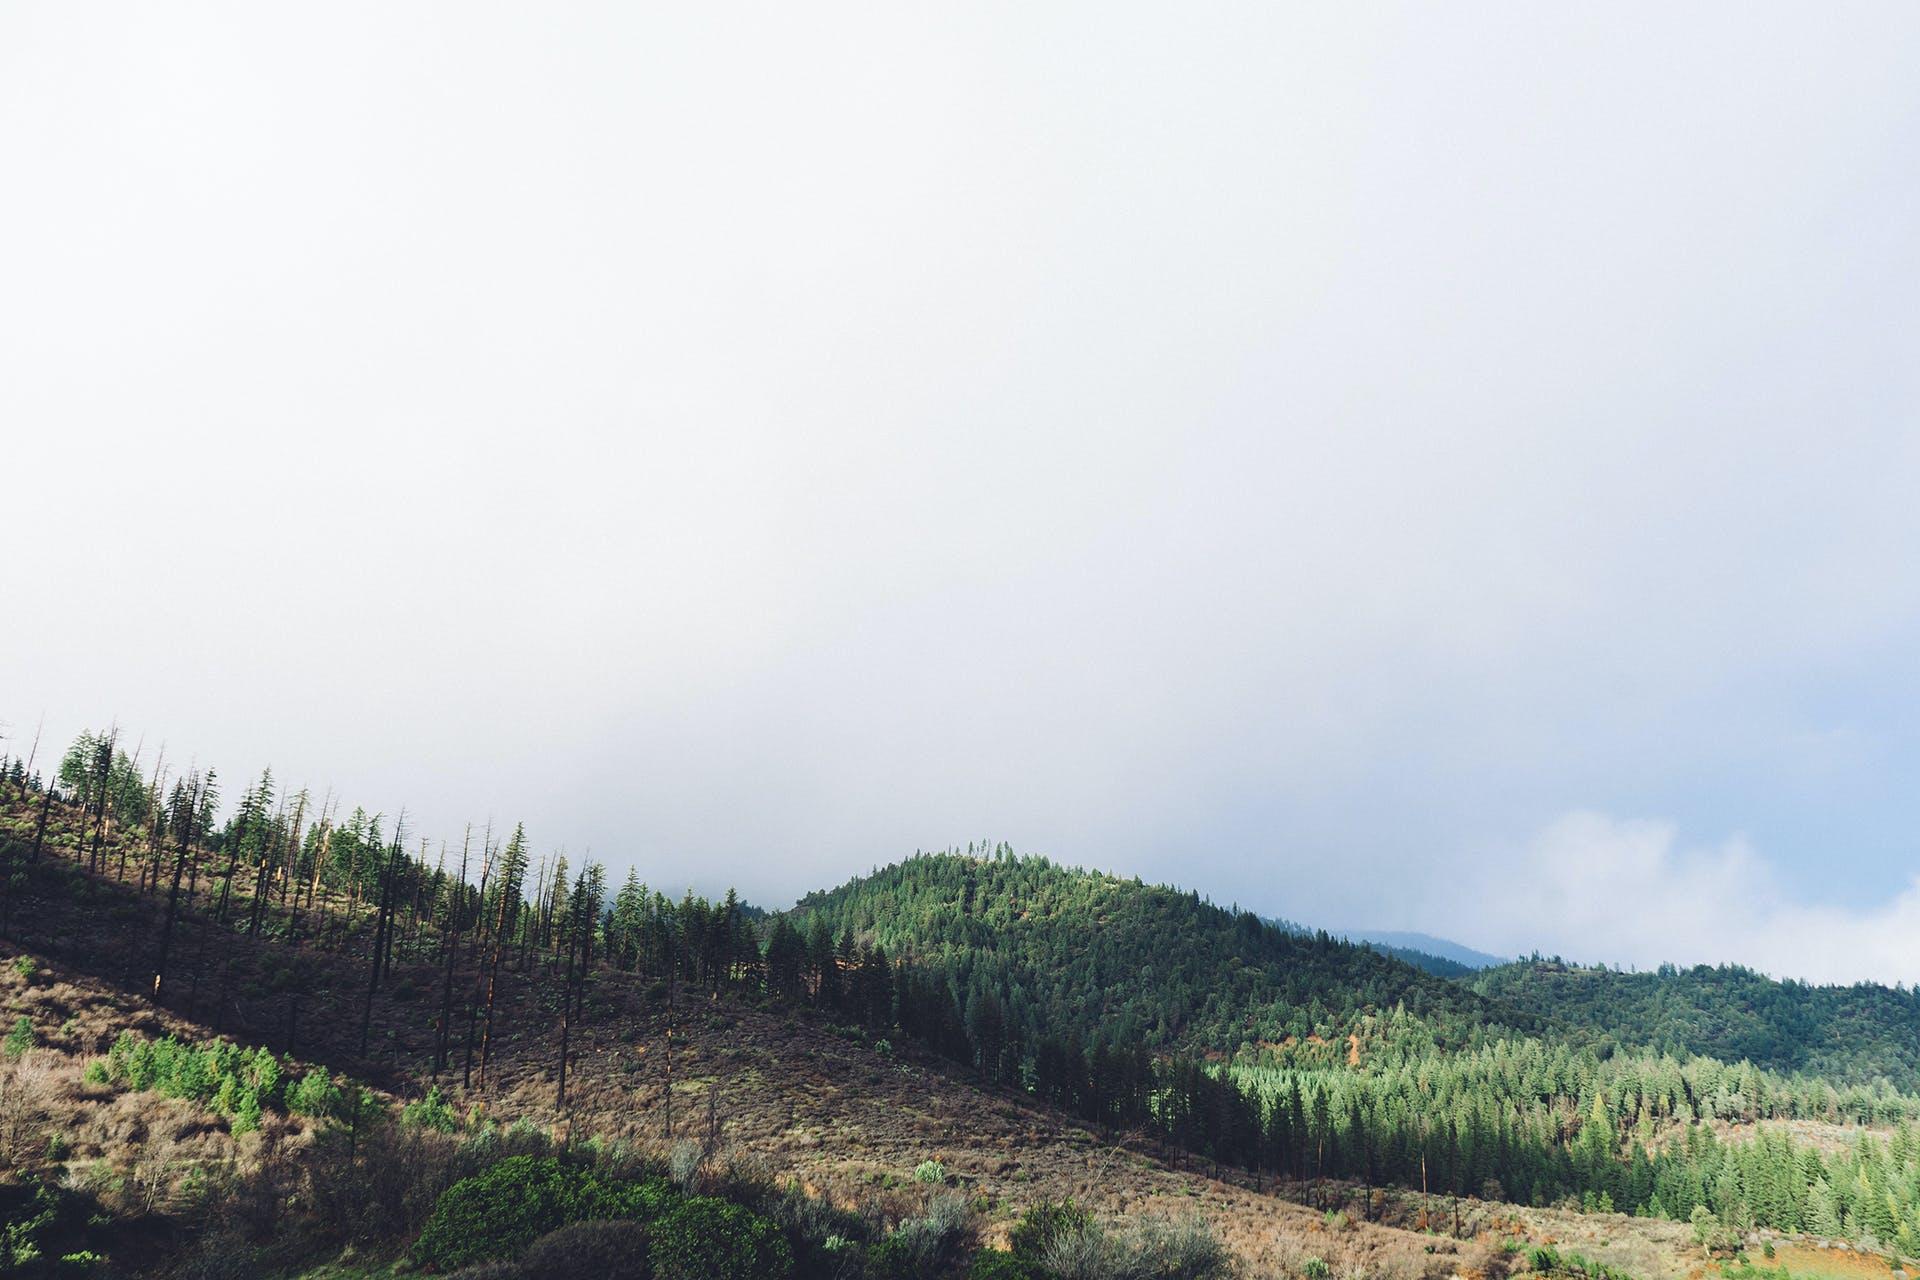 Gratis arkivbilde med kupert, natur, skog, skyer